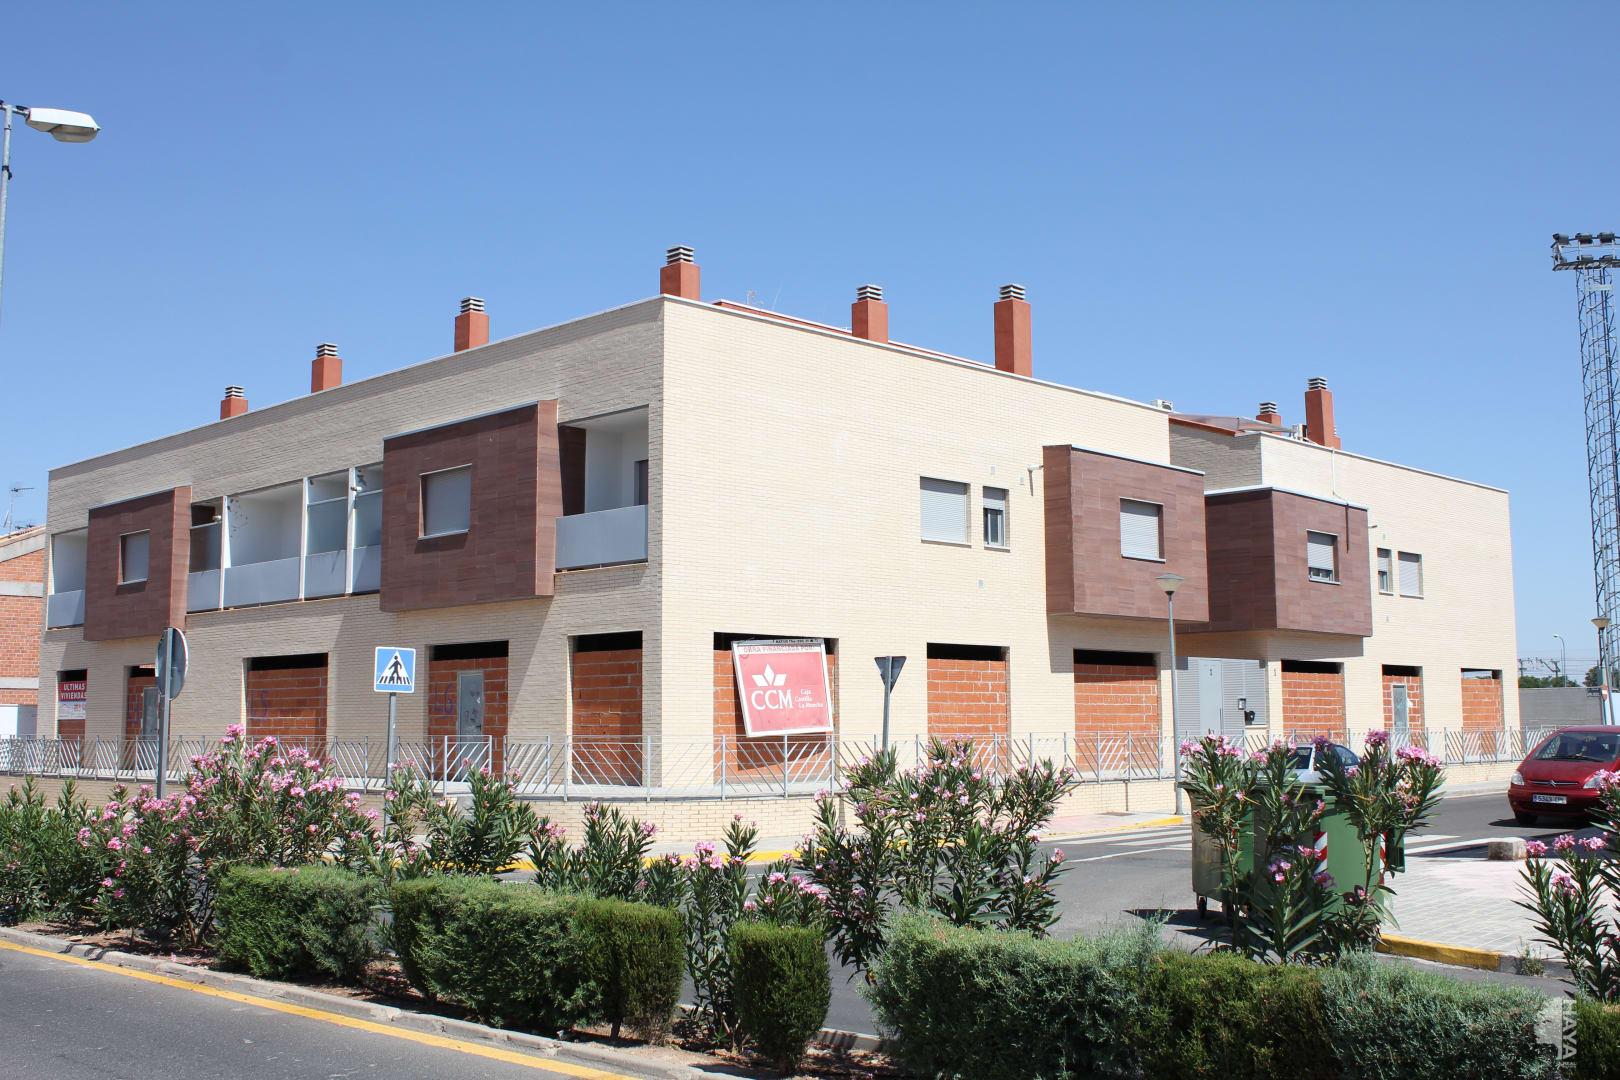 Piso en venta en Miguelturra, Ciudad Real, Calle Chavela Vargas, 52.900 €, 2 habitaciones, 1 baño, 121 m2